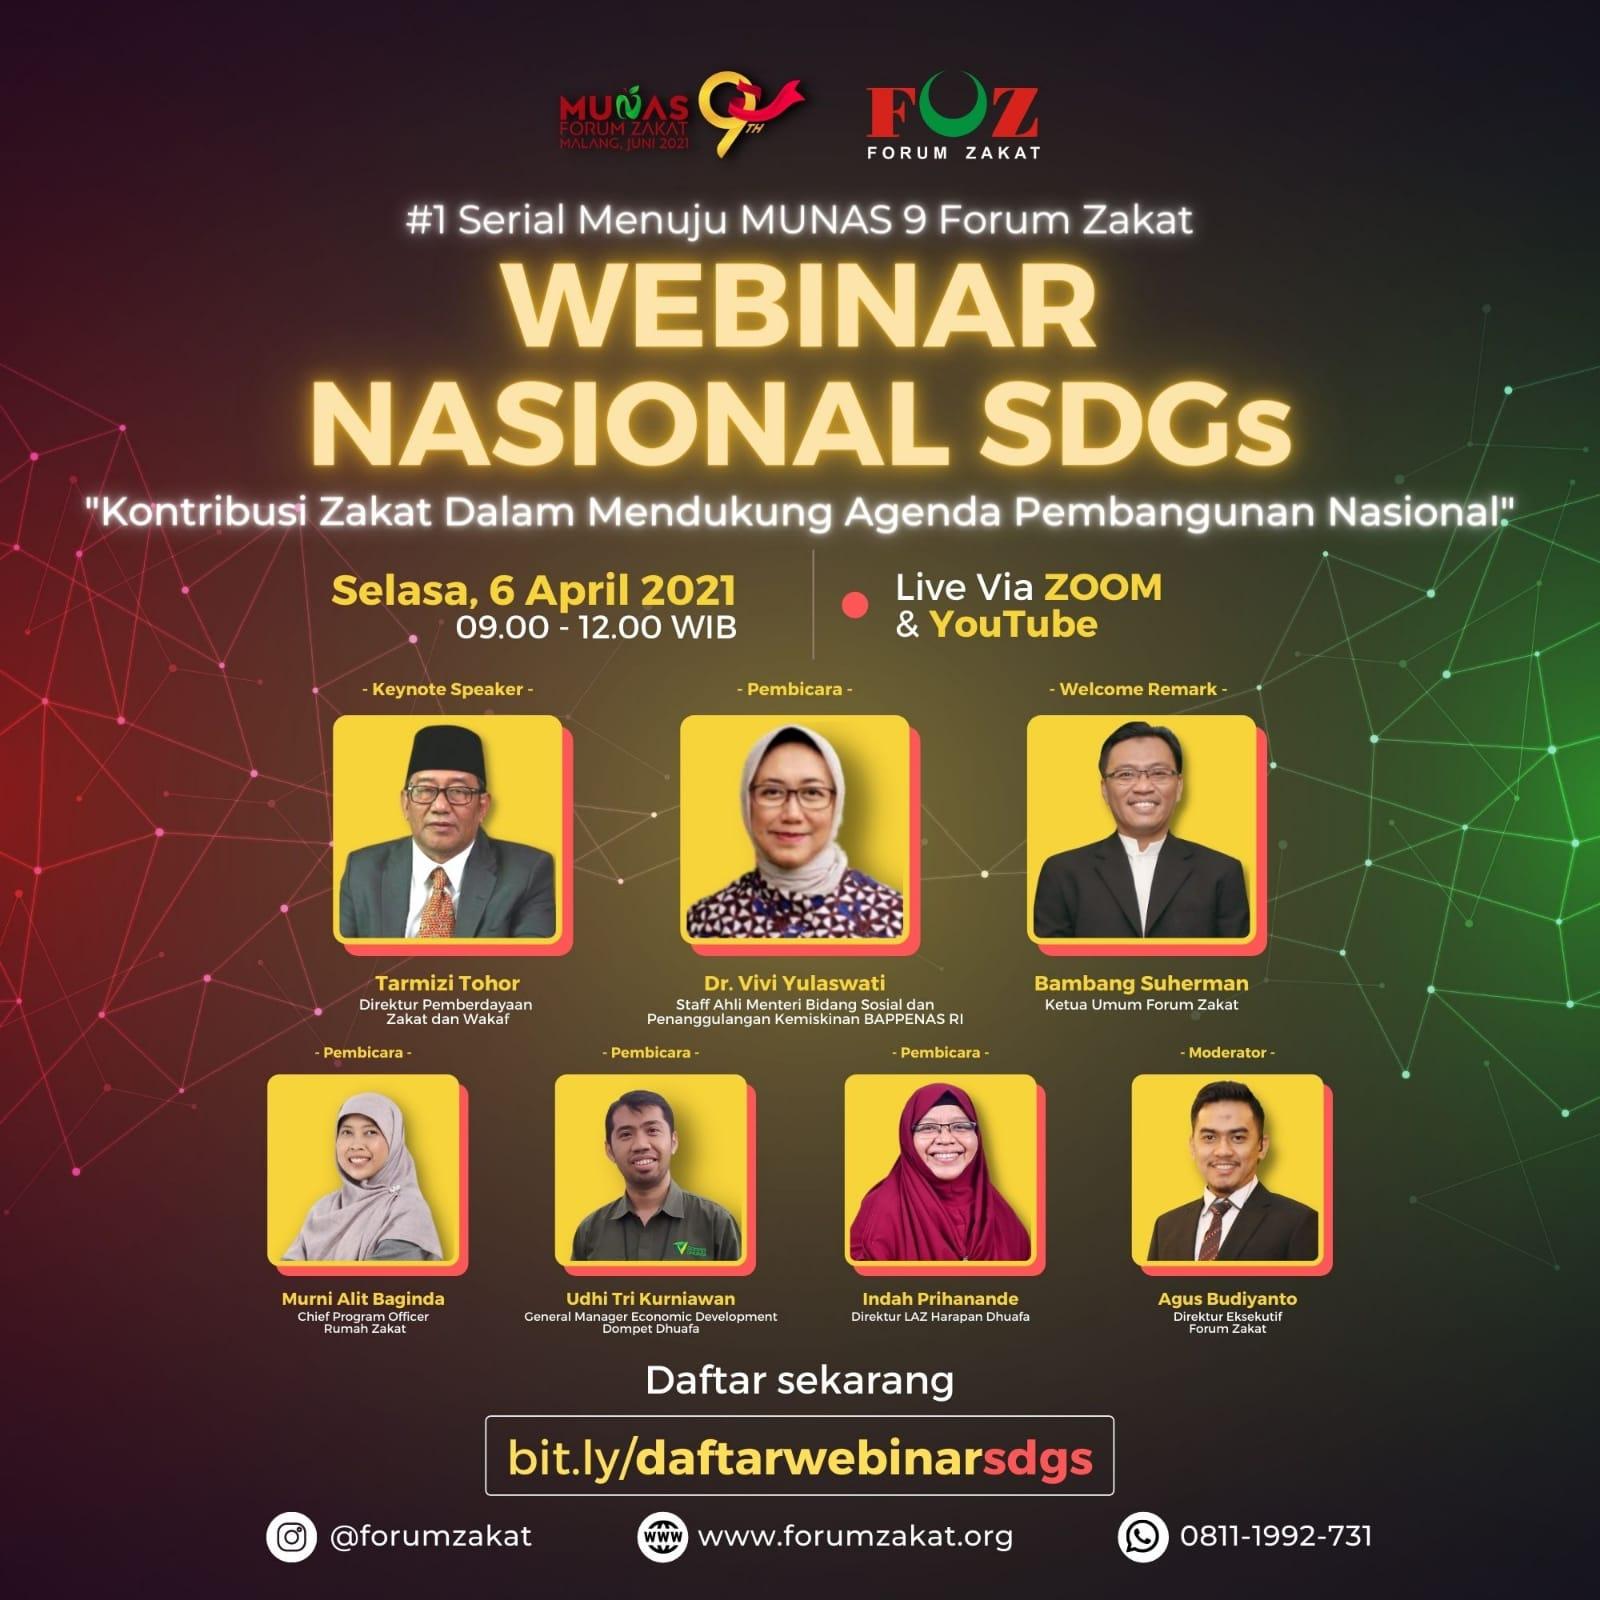 #1 Serial Menuju MUNAS 9 Forum Zakat | Webinar Nasional SDGs